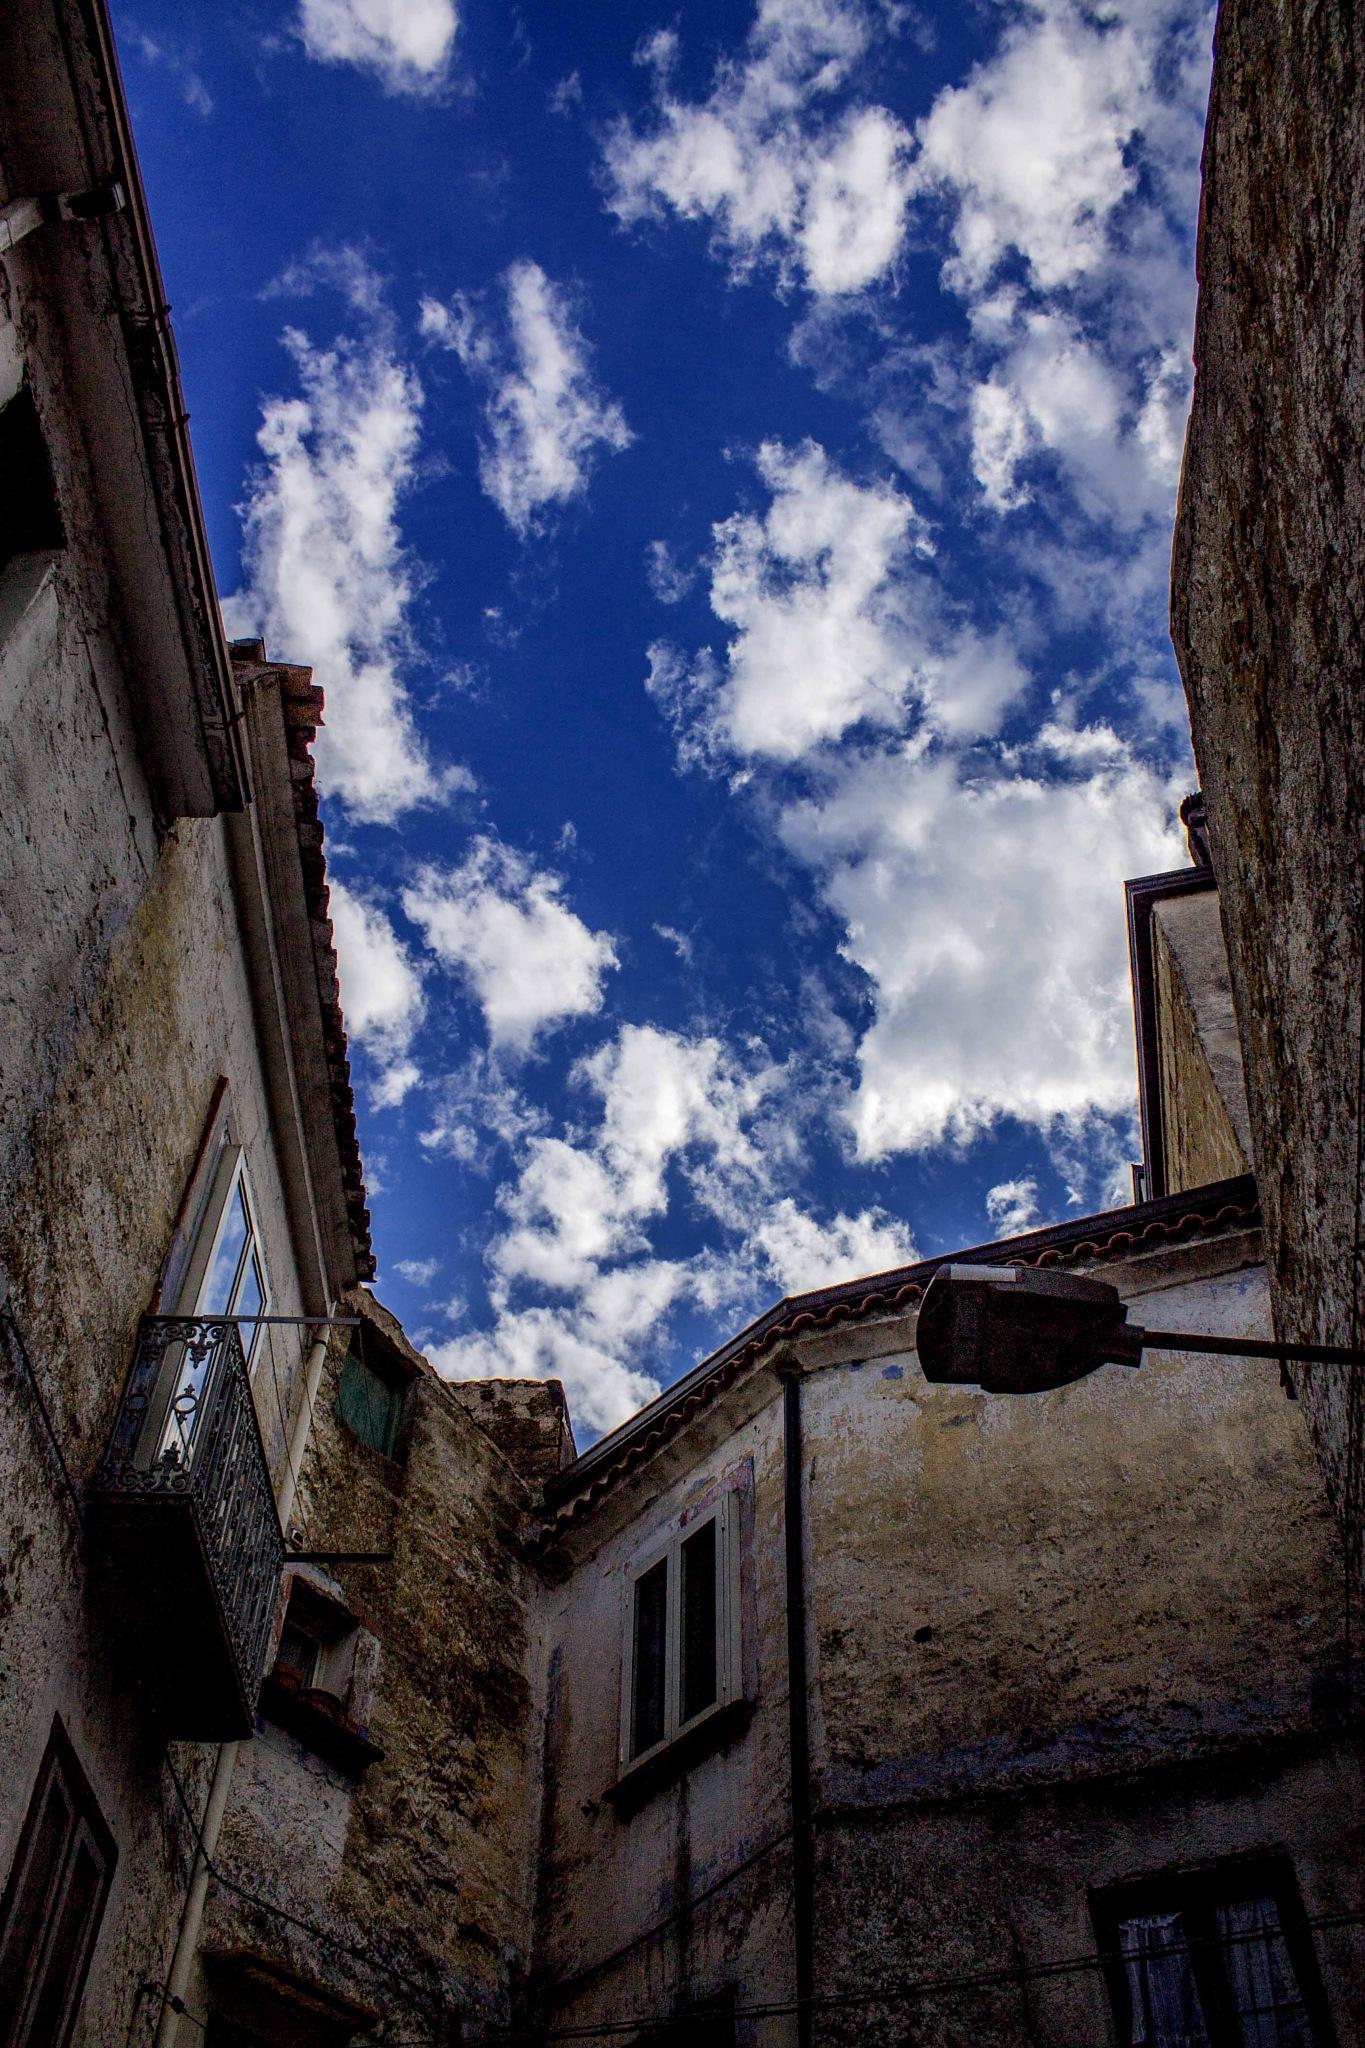 Angolo di cielo sopra Valogno by Salvatore Bertolino